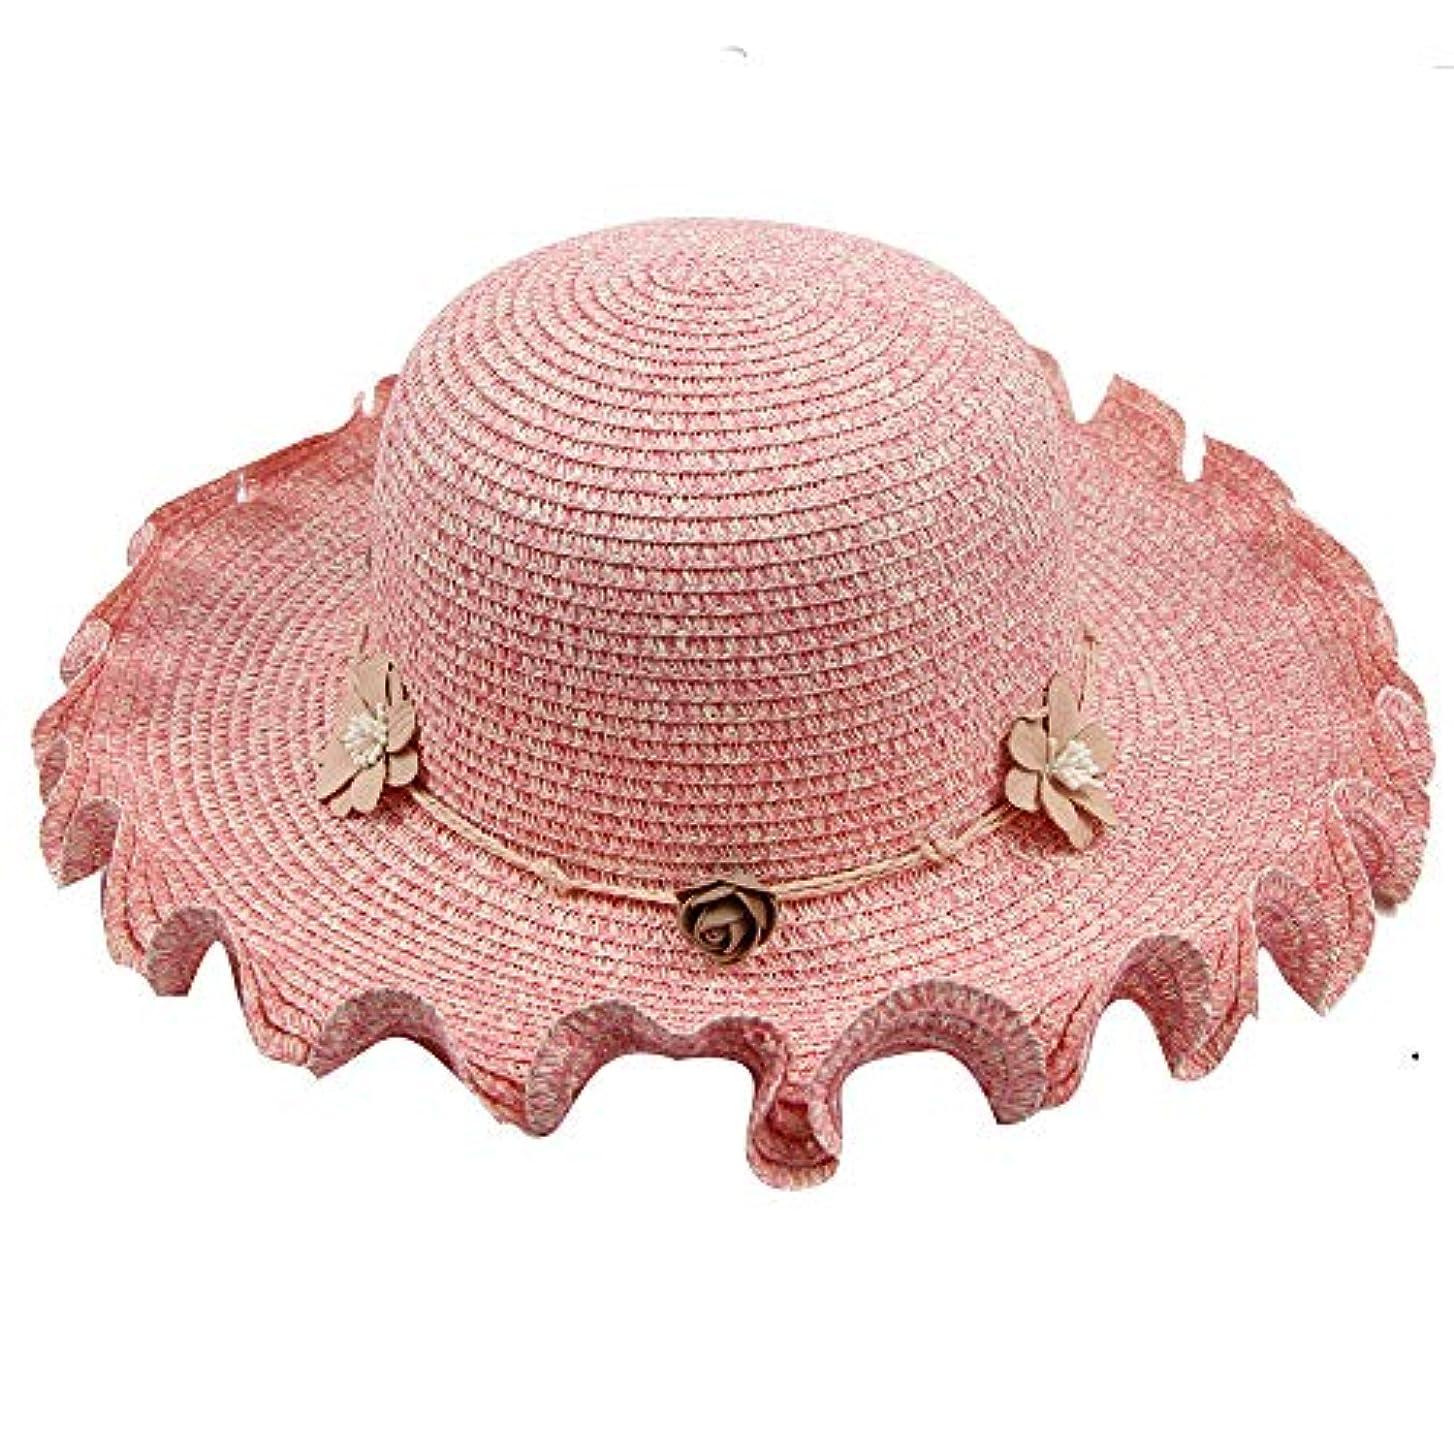 地域の苦行非効率的な帽子 ROSE ROMAN ハット レディース 帽子 サイズ調整 テープ 夏 ビーチ 必須 UVカット 帽子 日焼け防止 紫外線対策 ニット帽 ビーチ レディース ハンチング帽 発送 春夏 ベレー帽 帽子 レディース ブリーズフレンチハット